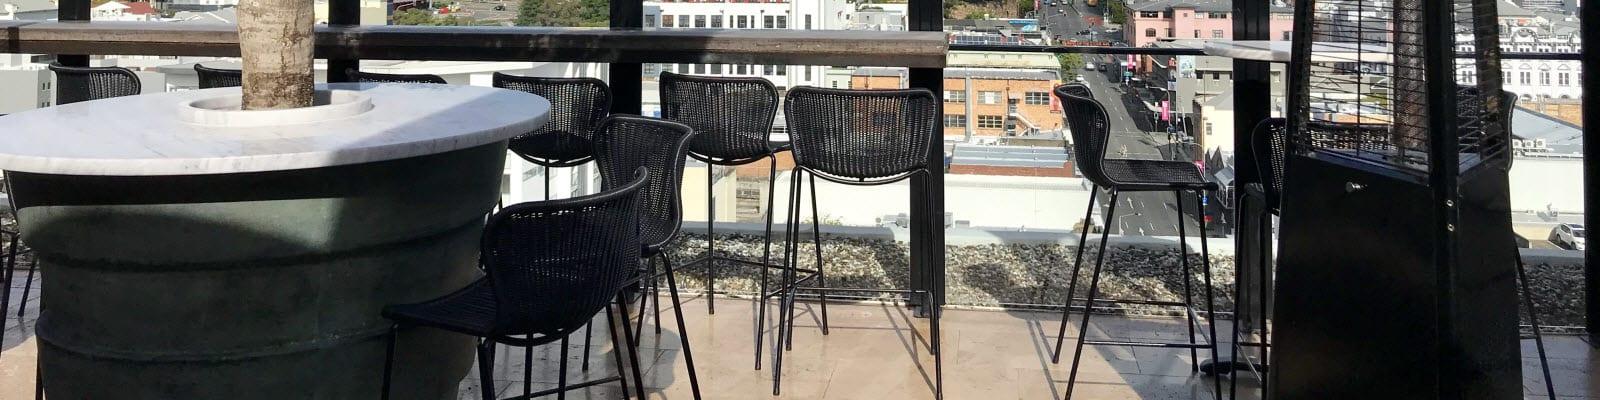 Roof top bar stools